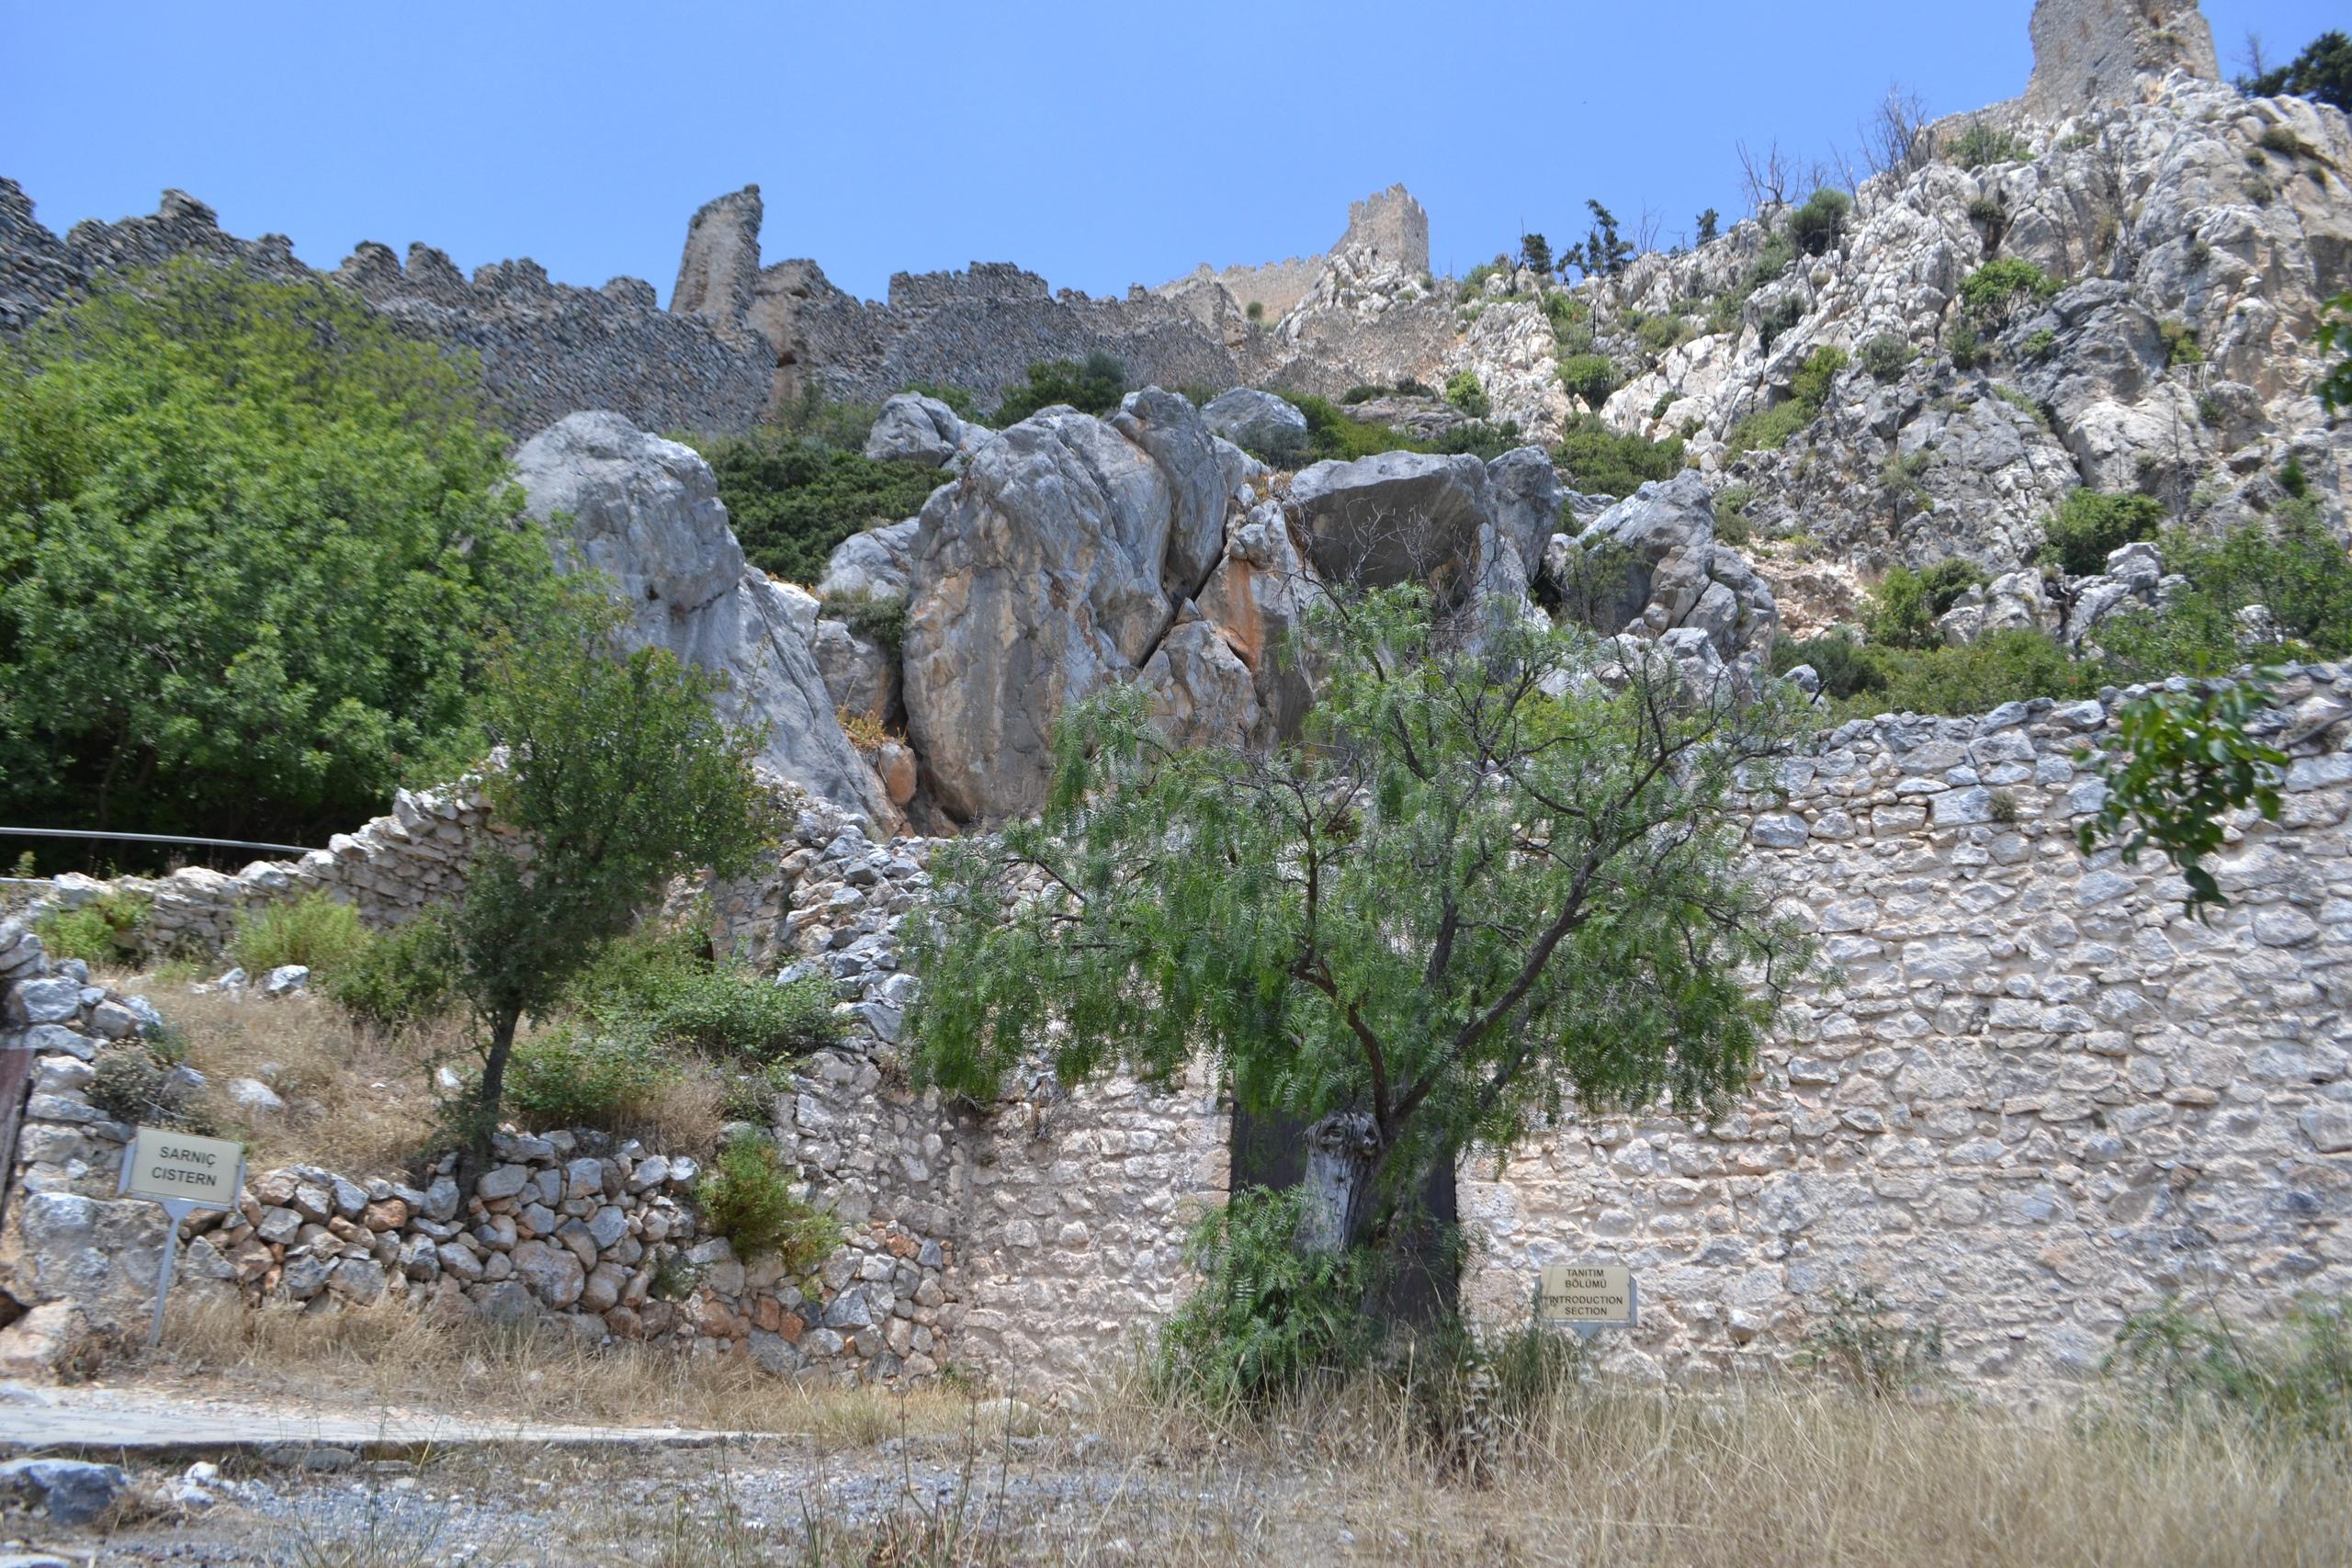 Северный Кипр. Замок Святого Иллариона. (фото). HI8_sdhjgz0